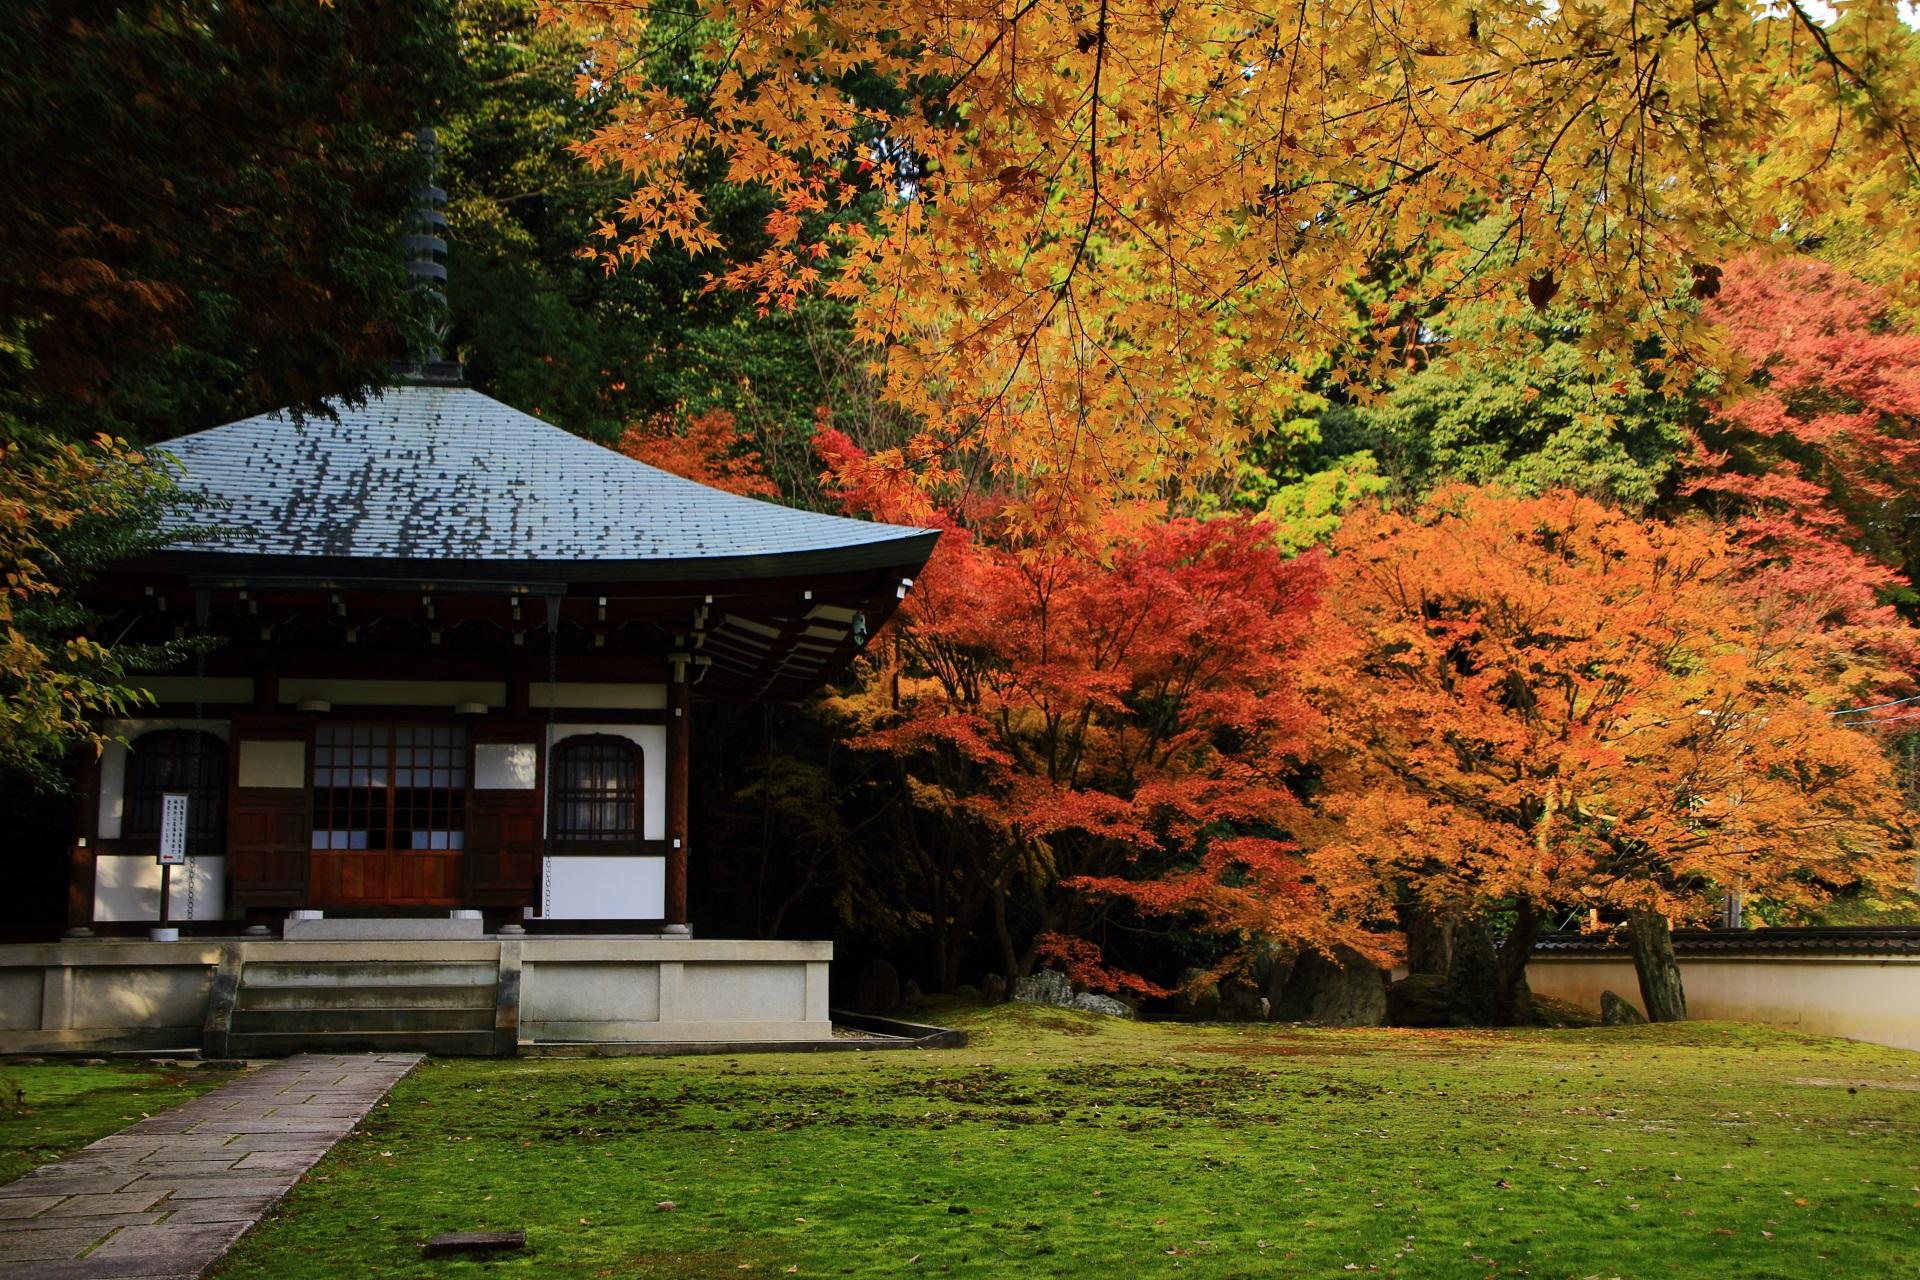 善能寺 紅葉 ひっそりと佇む秋色の仙遊苑と祥空殿